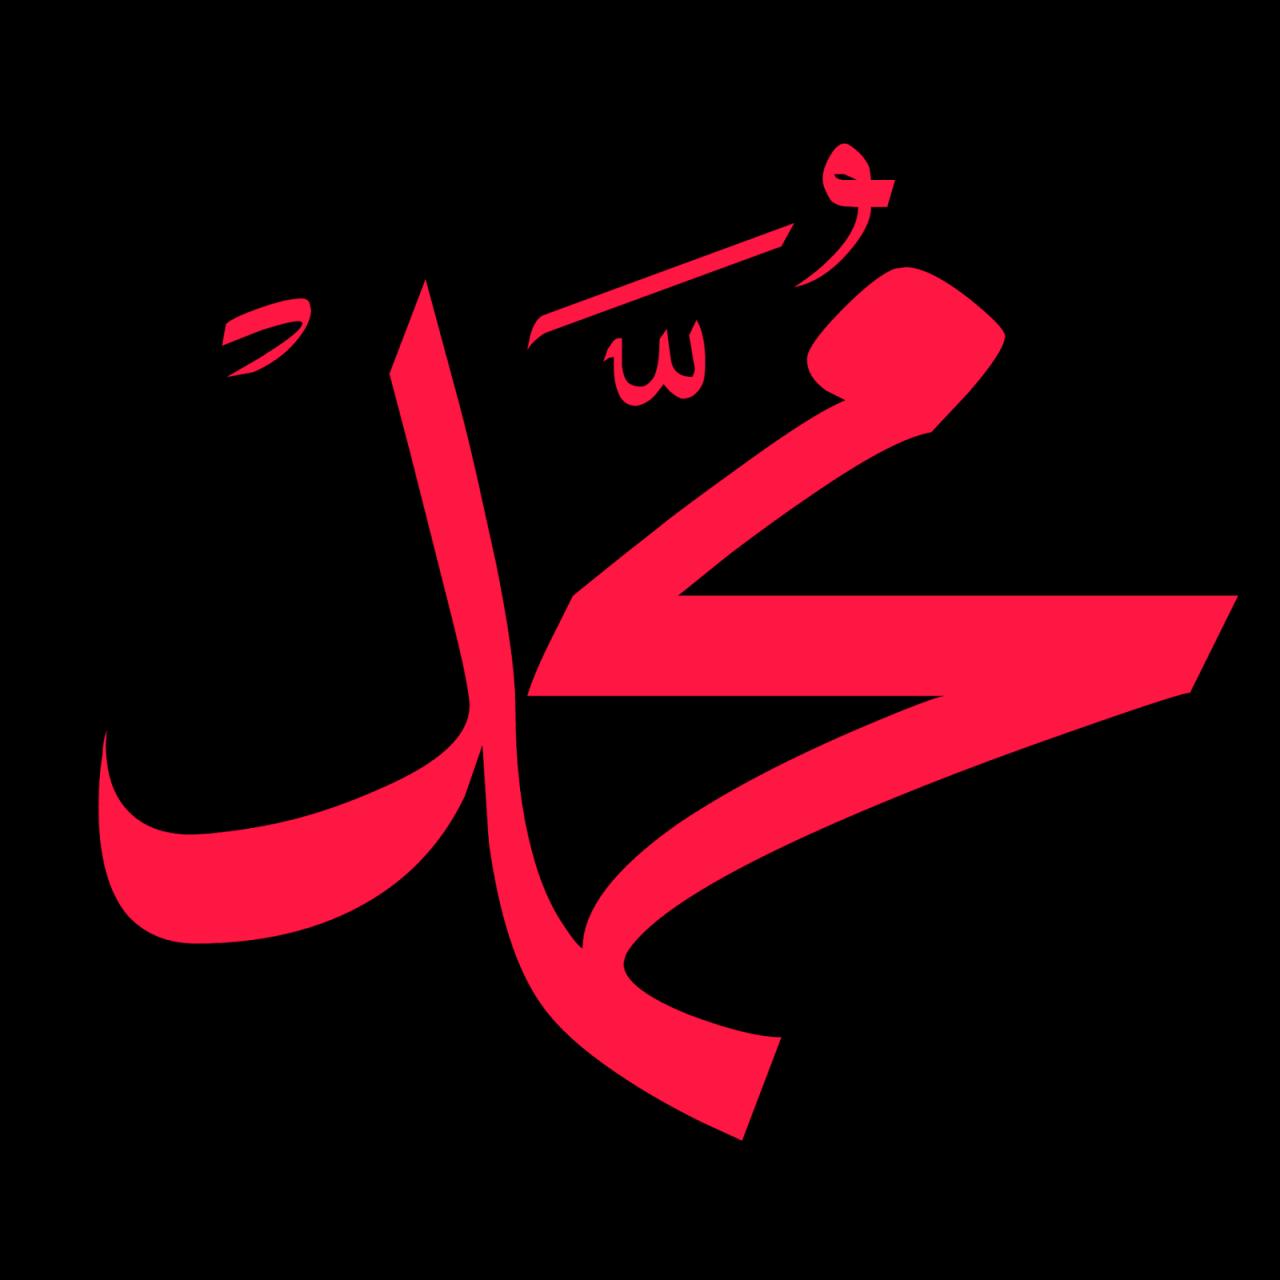 بالصور اسم محمد بالصور , معاني اسم محمد 2299